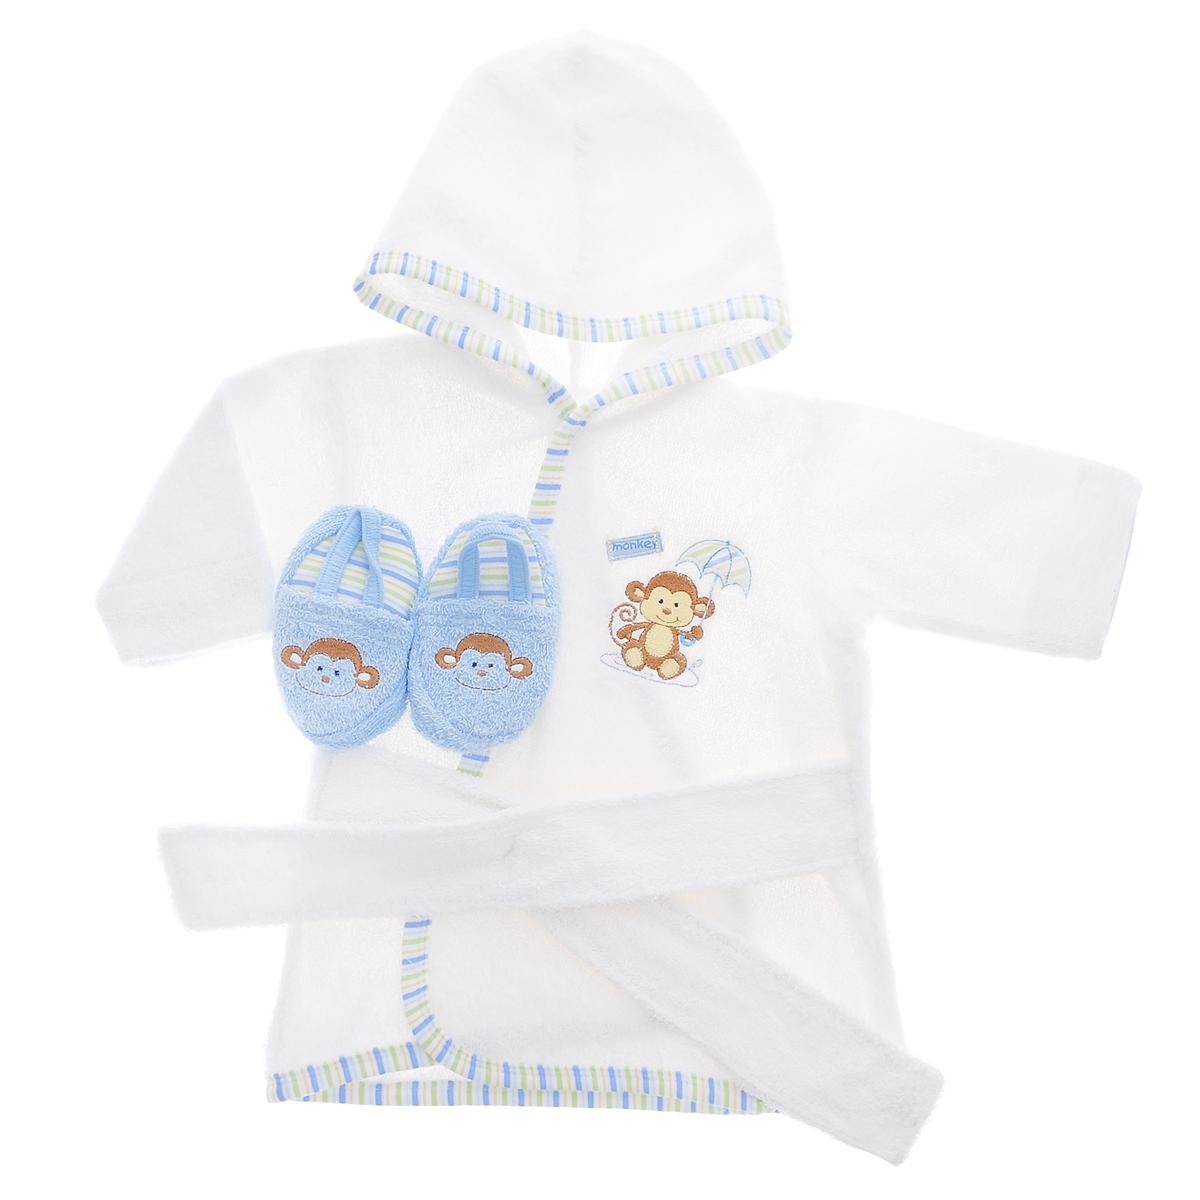 Комплект одежды05153Прекрасный комплект для новорожденного Luvable Friends состоит из банного халатика с капюшоном и тапочек-пинеток. Махровая поверхность хорошо впитывает влагу, защищая малыша от переохлаждения. Халатик и тапочки оформлены веселыми вышивками с изображением забавных животных. Халат на талии дополнен широким пояском, а тапочки эластичной перетяжкой, благодаря чему надежно держаться на ножке. В таком комплекте вашему малышу будет тепло и уютно после купания.